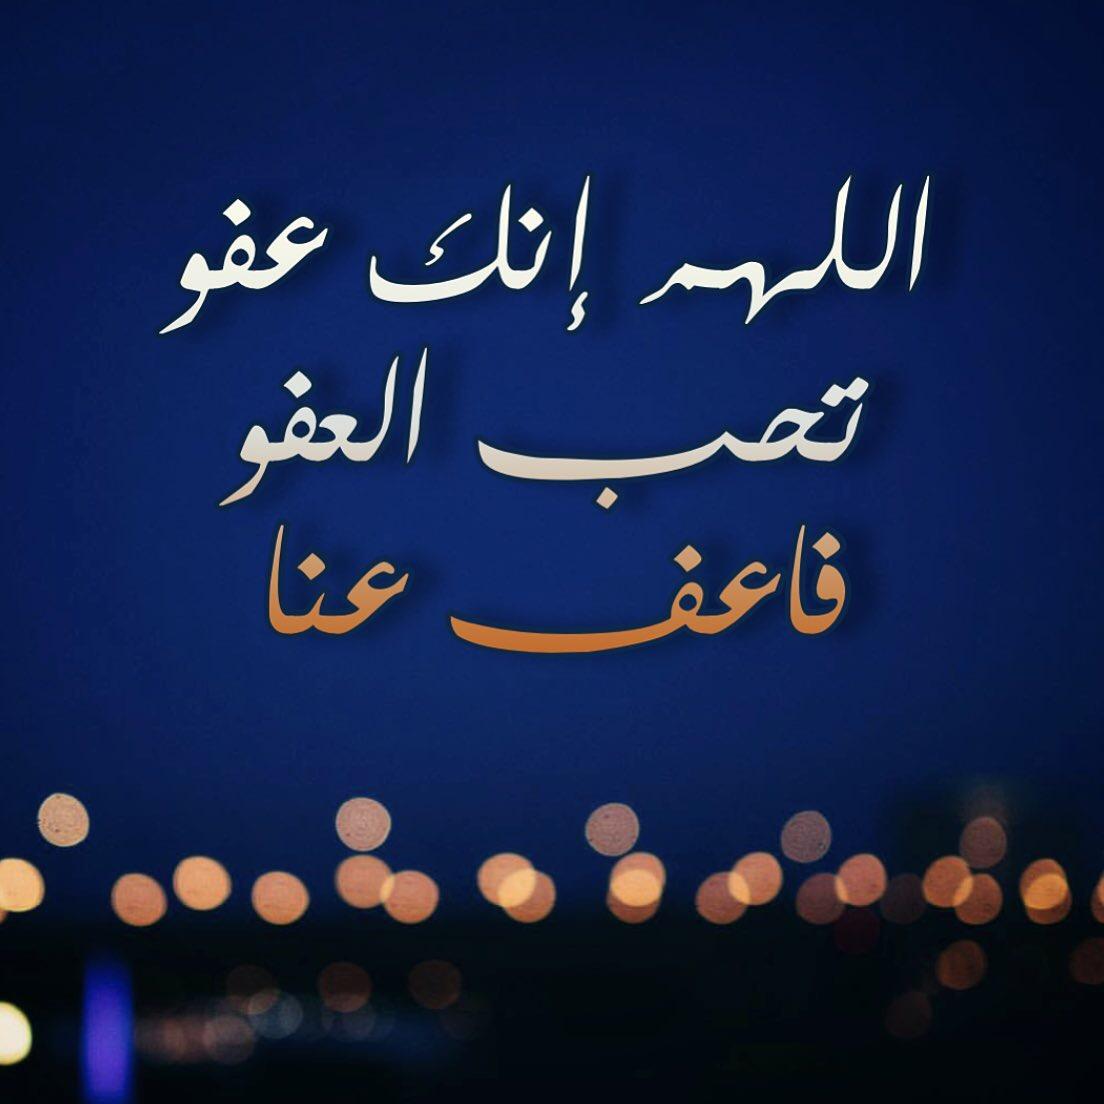 أفضل ادعية رمضان